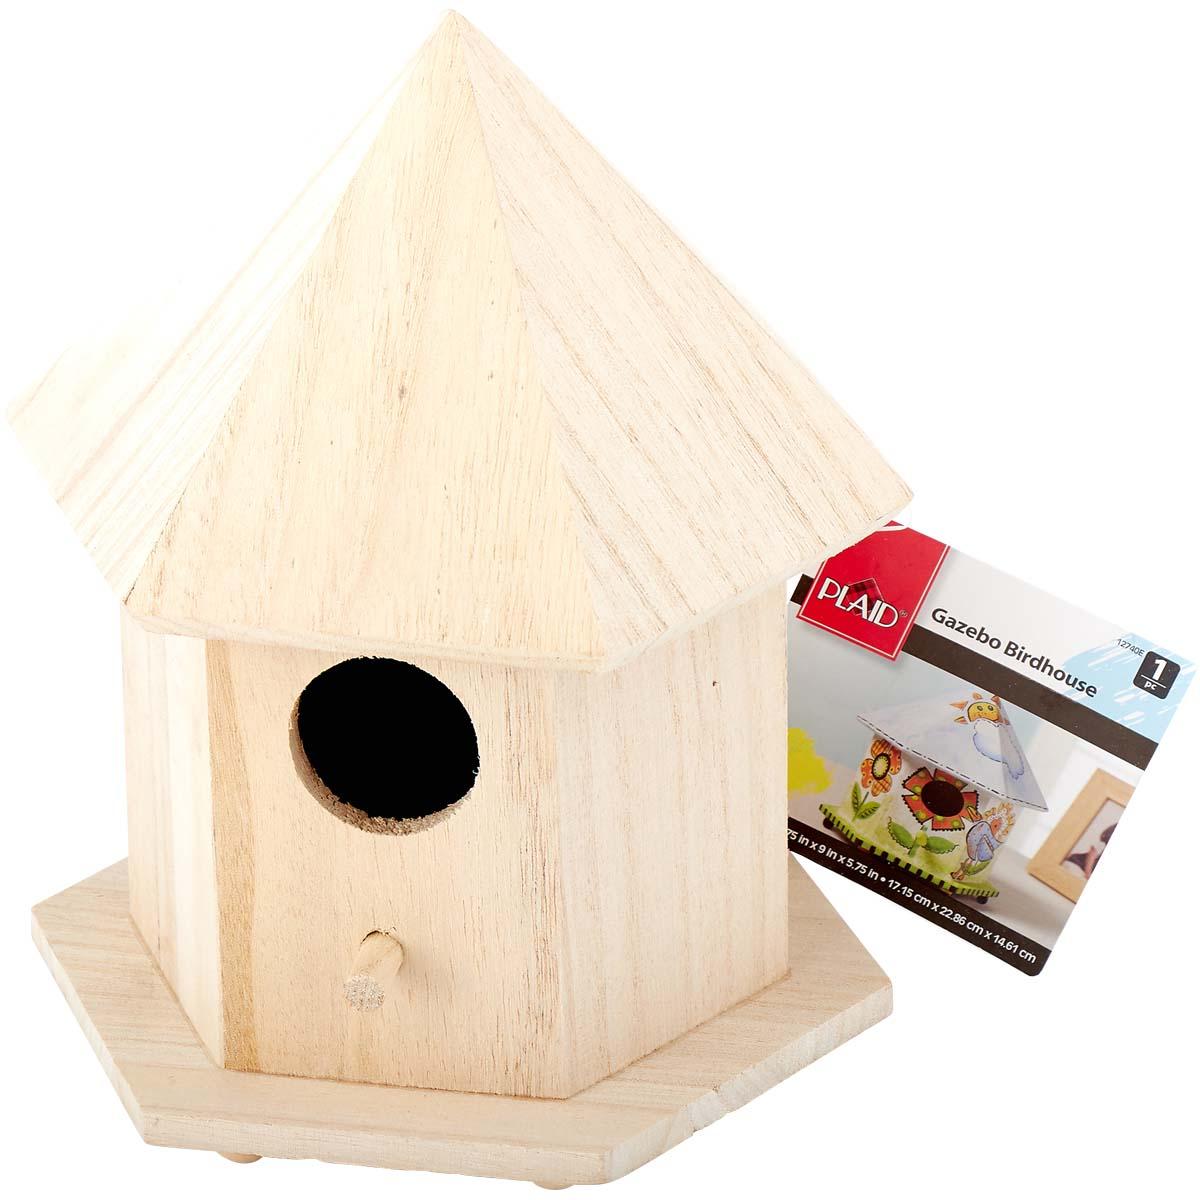 Plaid ® Wood Surfaces - Birdhouse, Gazebo - 12740